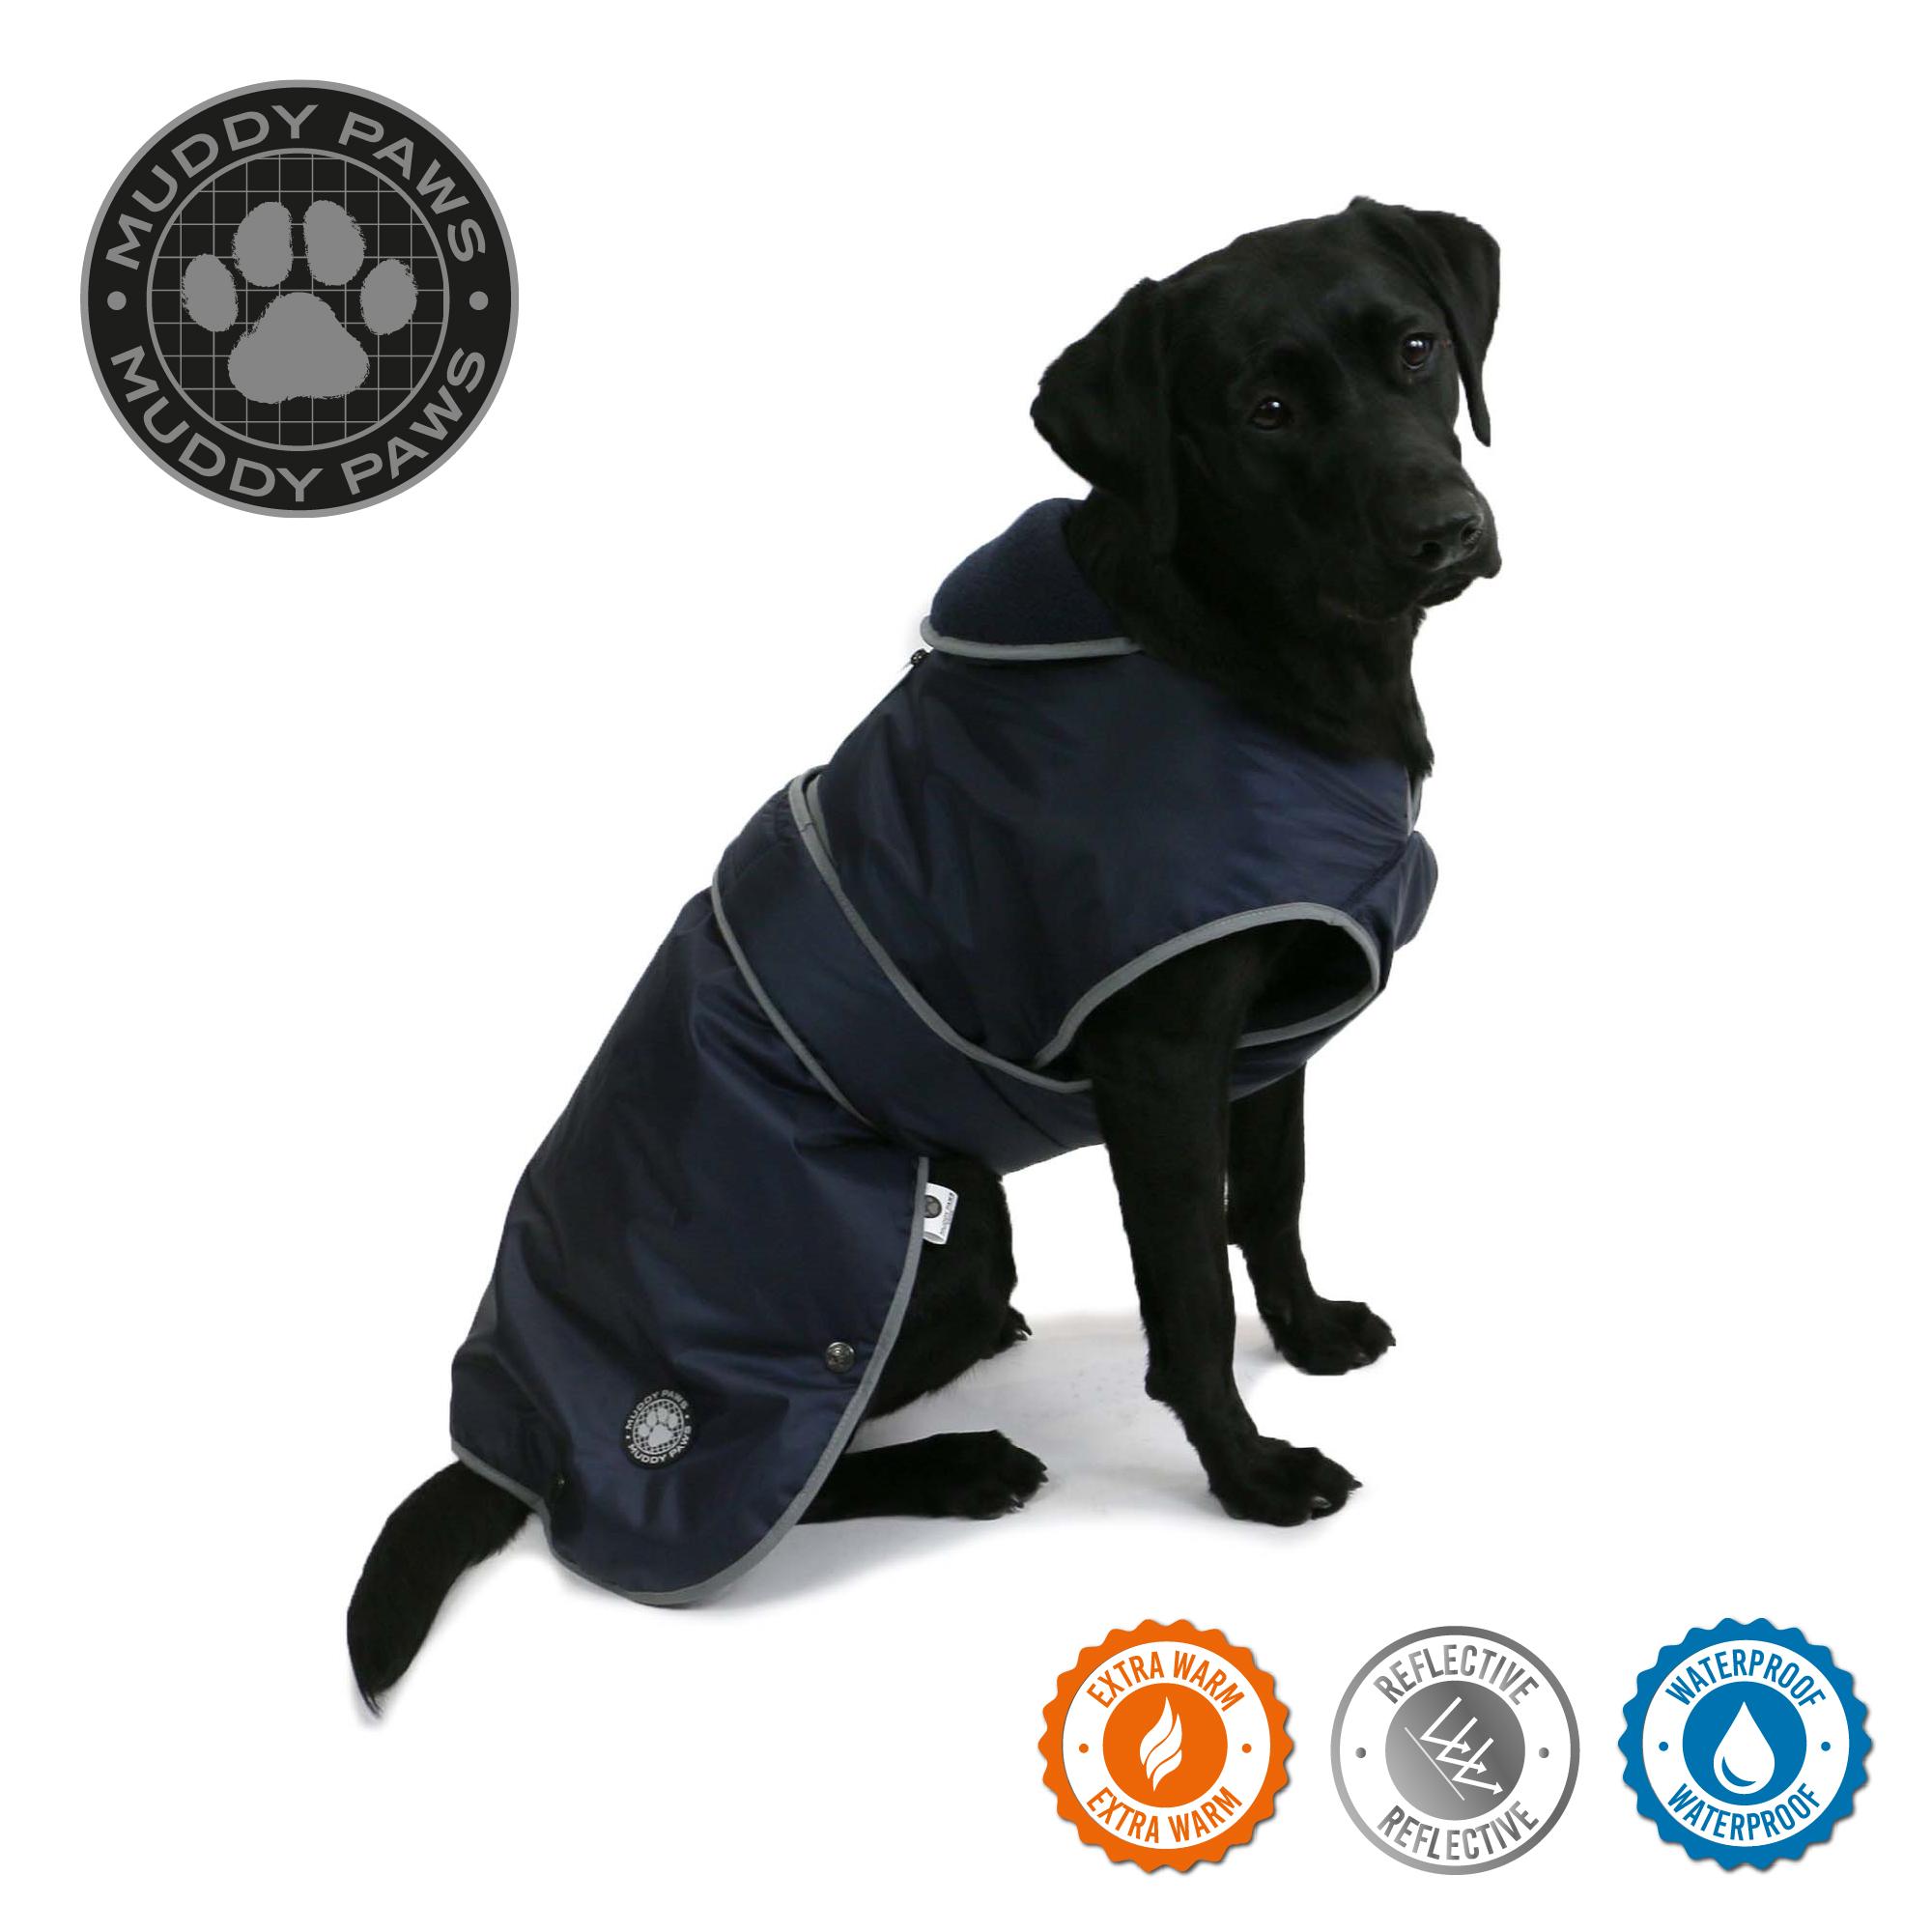 Obleček pro psy stormguard - modrý